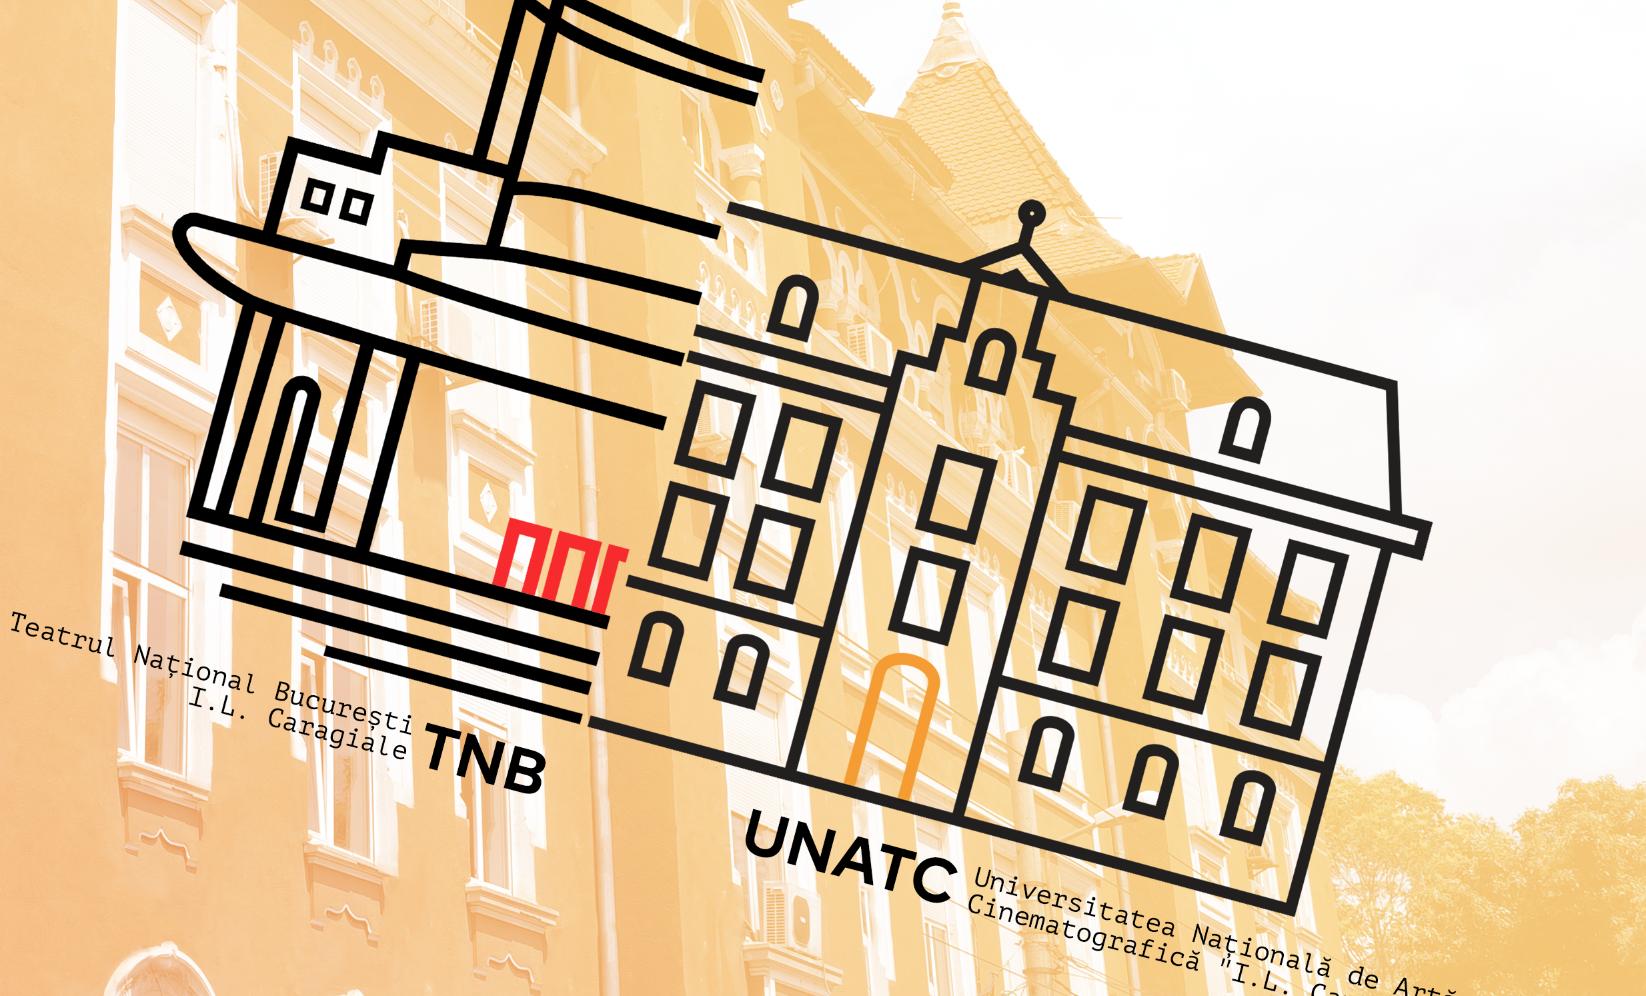 TNB-UNATC